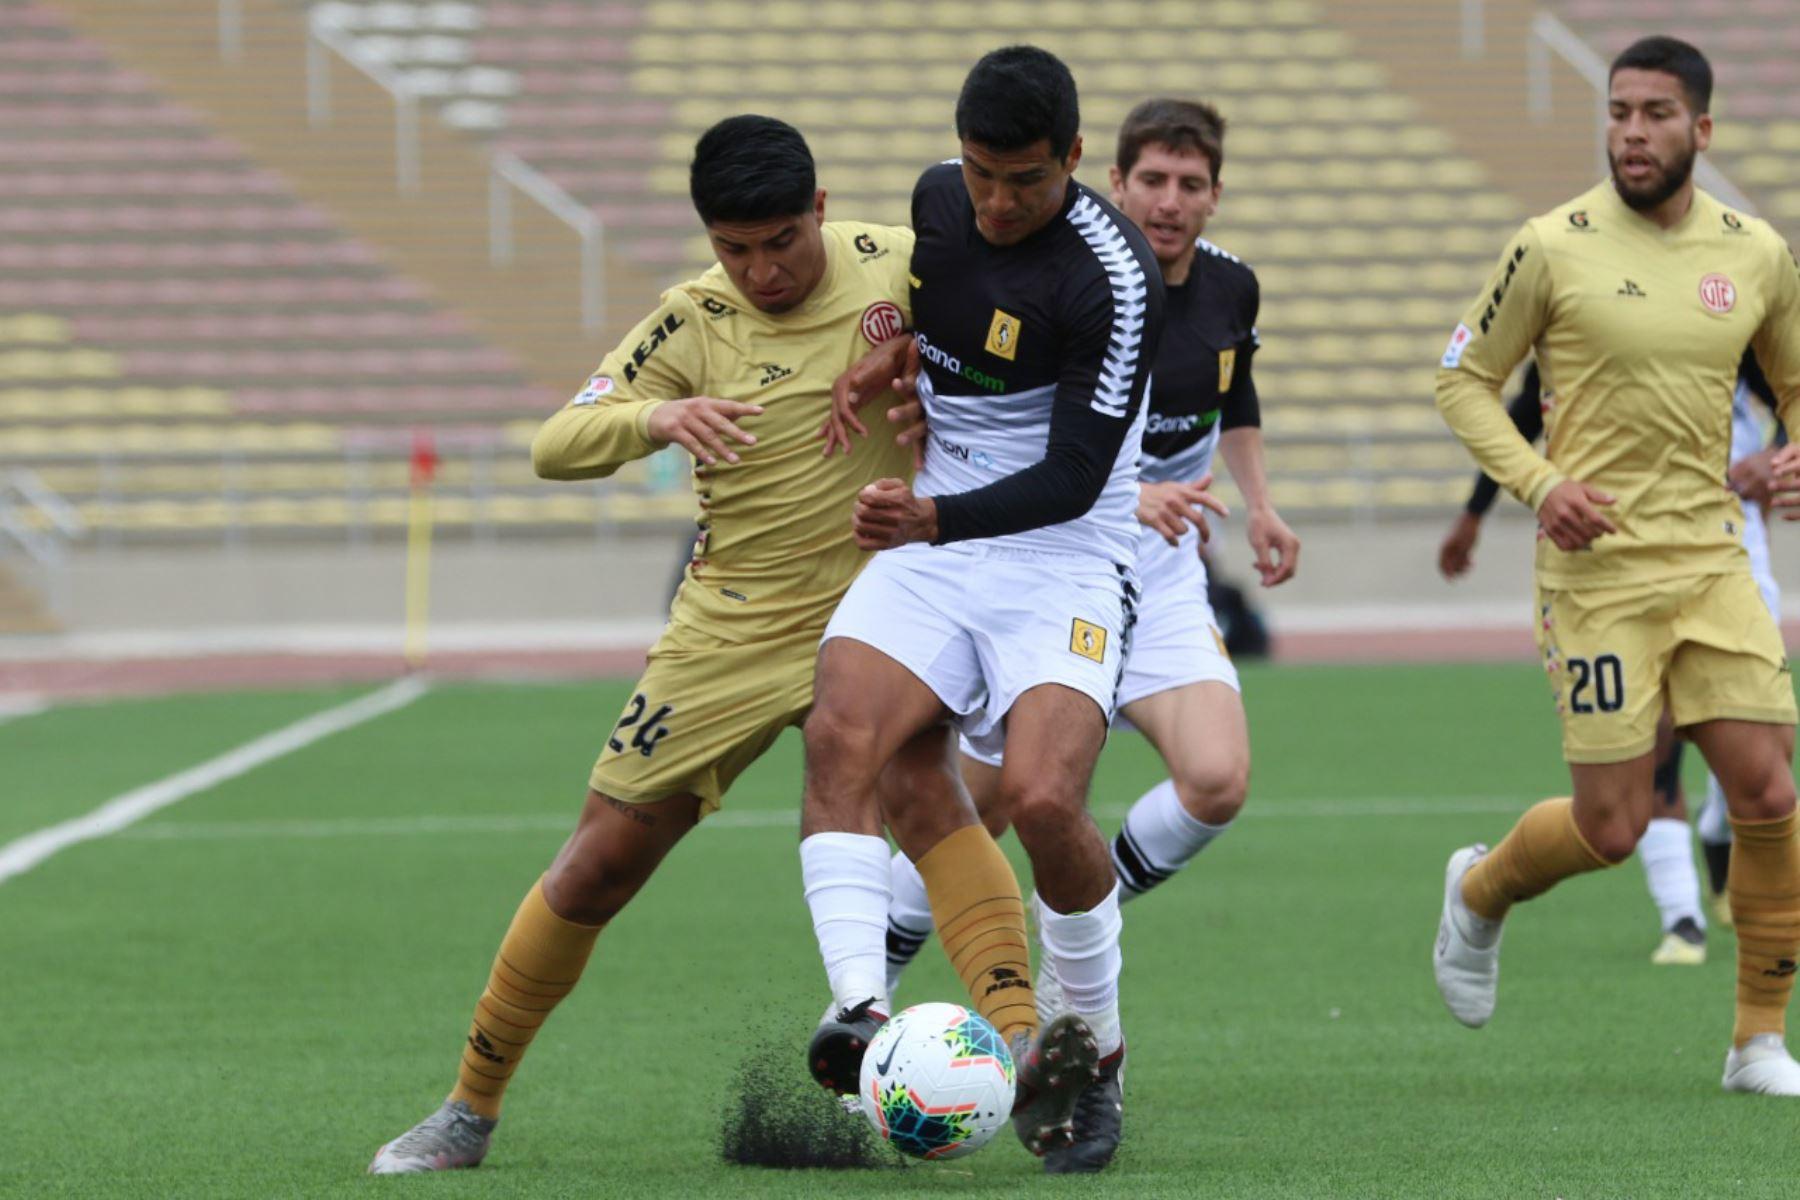 UTC  se enfrenta al Cantolao por la jornada 12 de la Liga 1 que se disputa en el estadio San Marcos.  Foto: @LigaFutProf